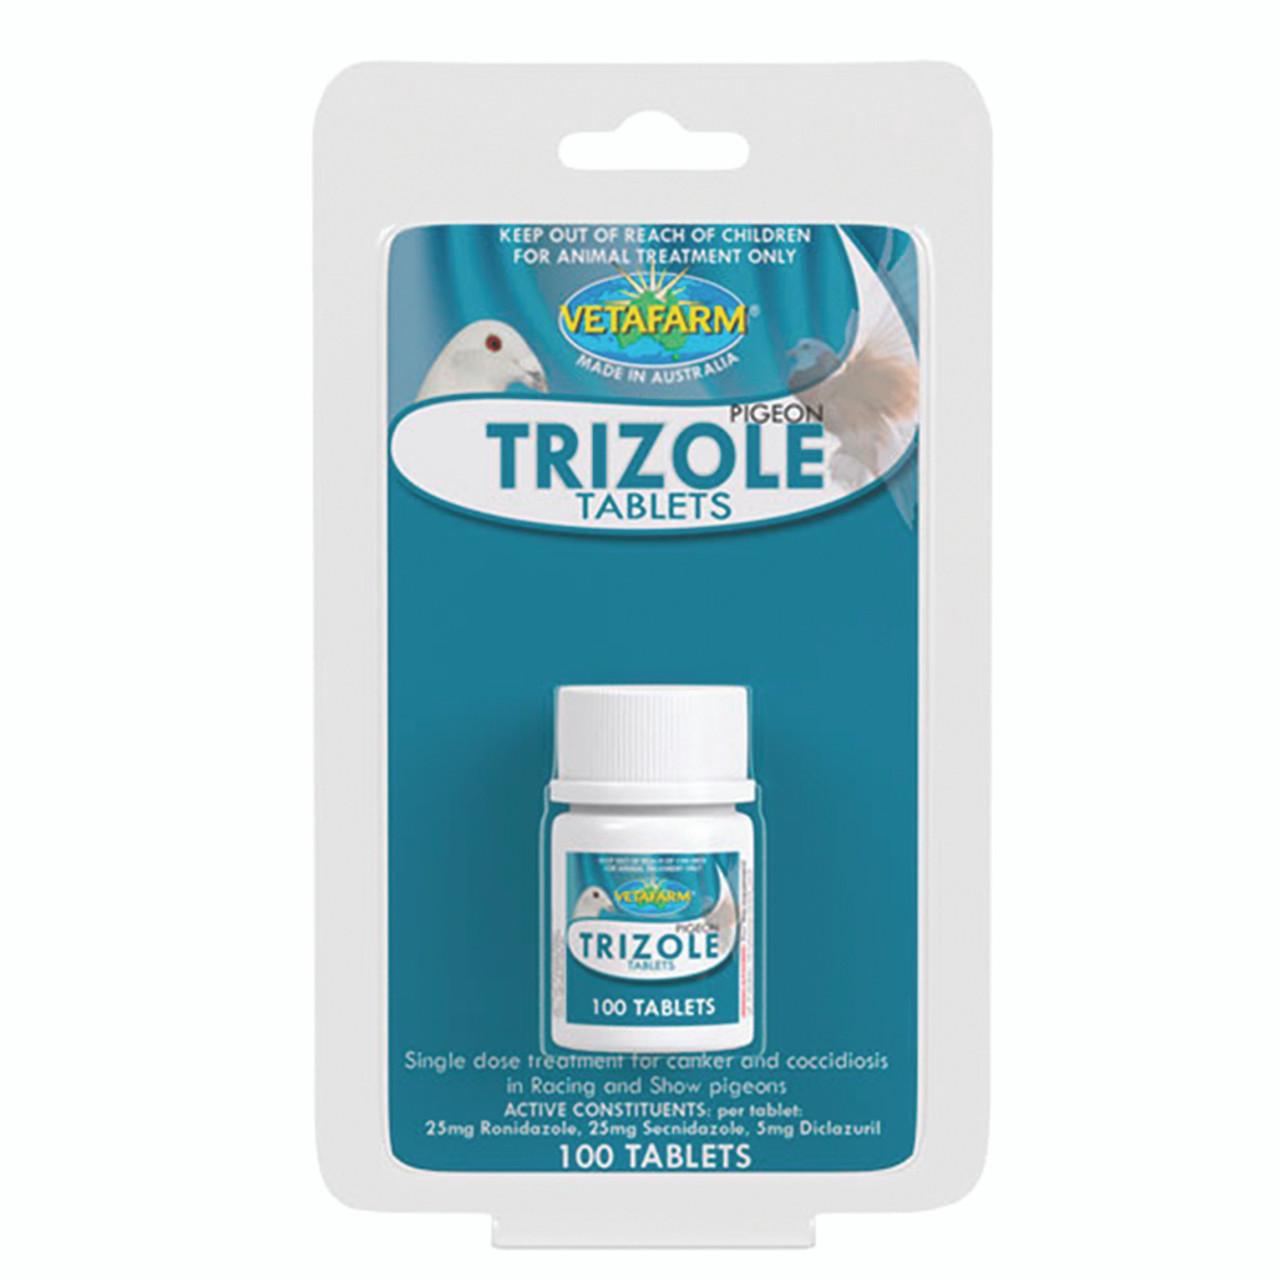 TRIZOLE TABLETS - 100 TABS